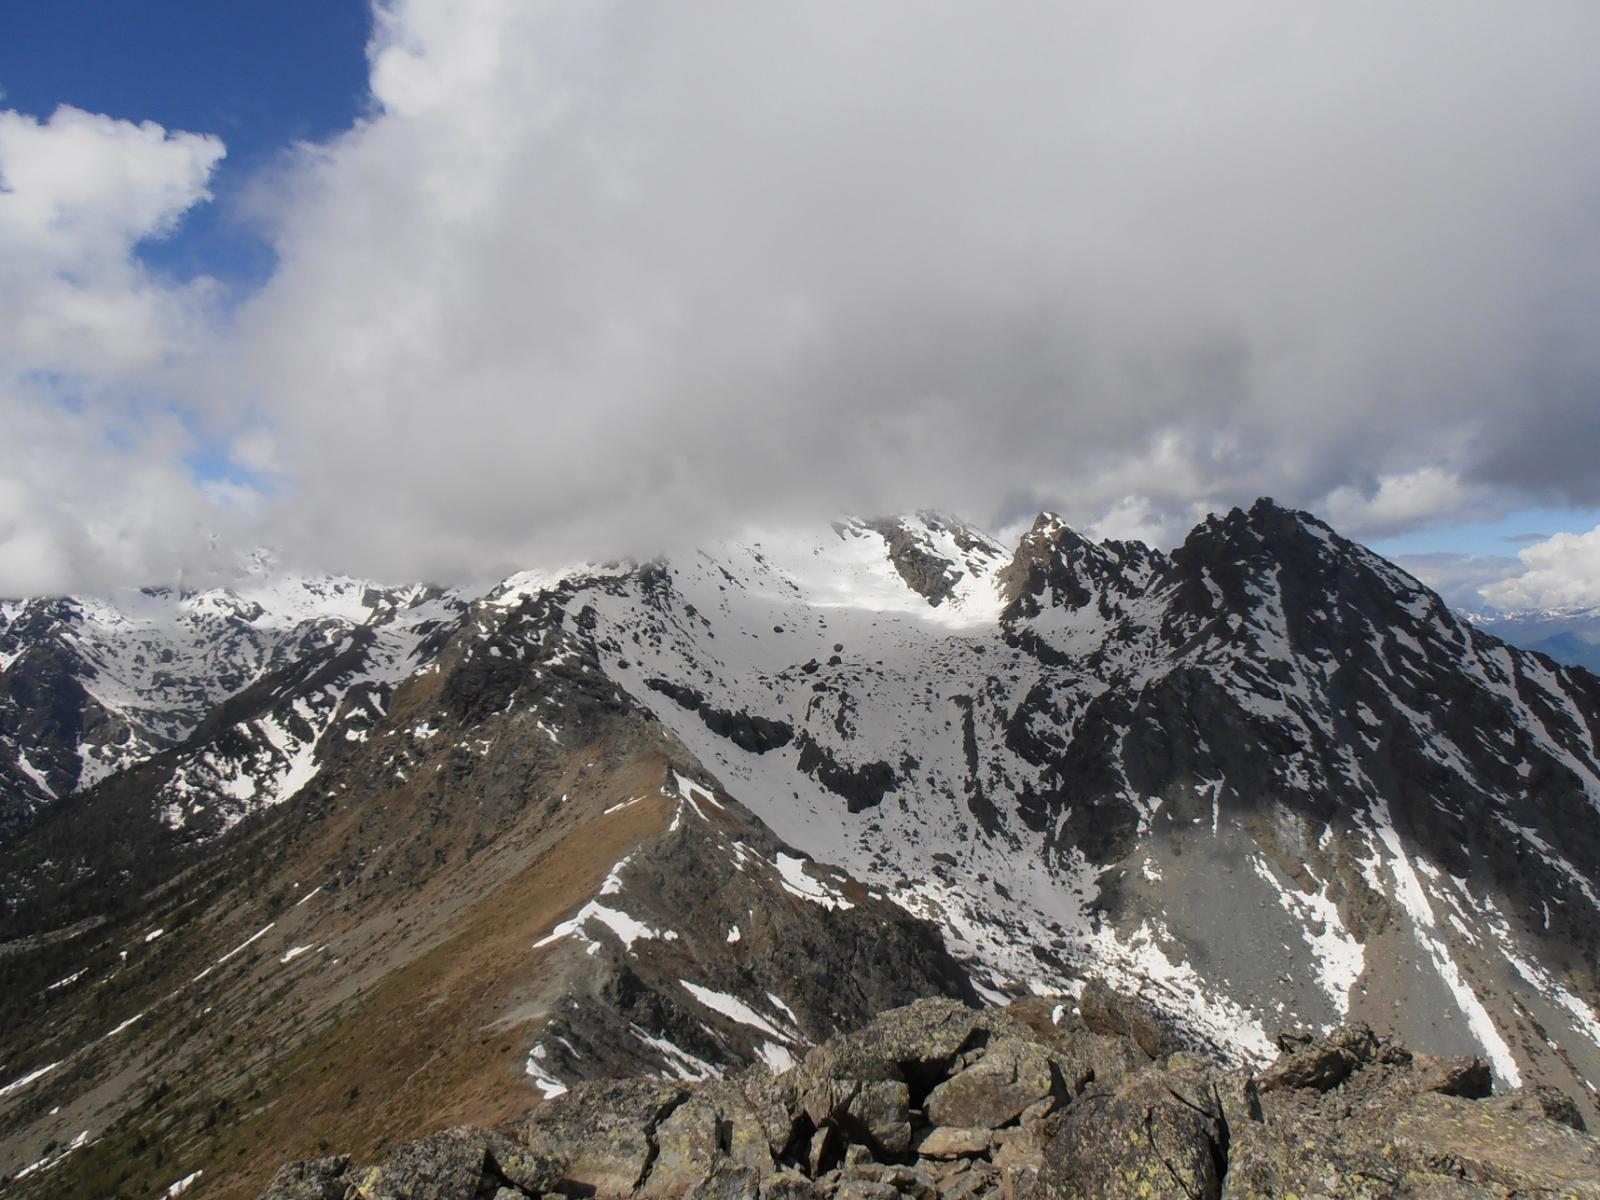 07 - dalla cima verso Monte Ruvio, Monte Giron e Colle di Valmeriana